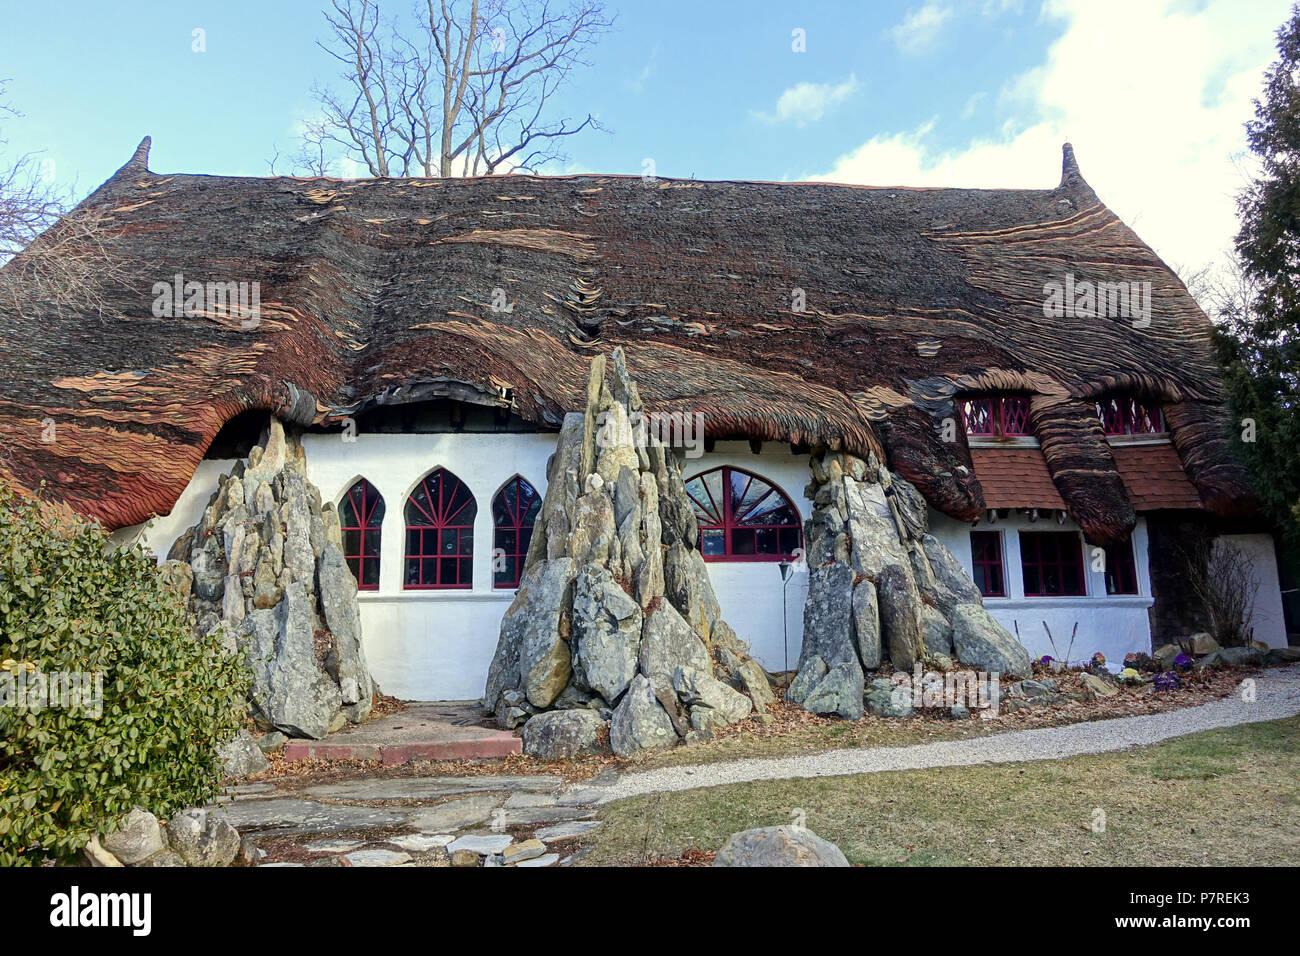 Inglese: Santarella - Tyringham, Massachusetts. Creato dallo scultore Henry Hudson Kitson (1863-1947) come la sua casa e studio. Il 15 gennaio 2017, 11:59:12 340 Santarella - Tyringham, MA - DSC07306 Foto Stock